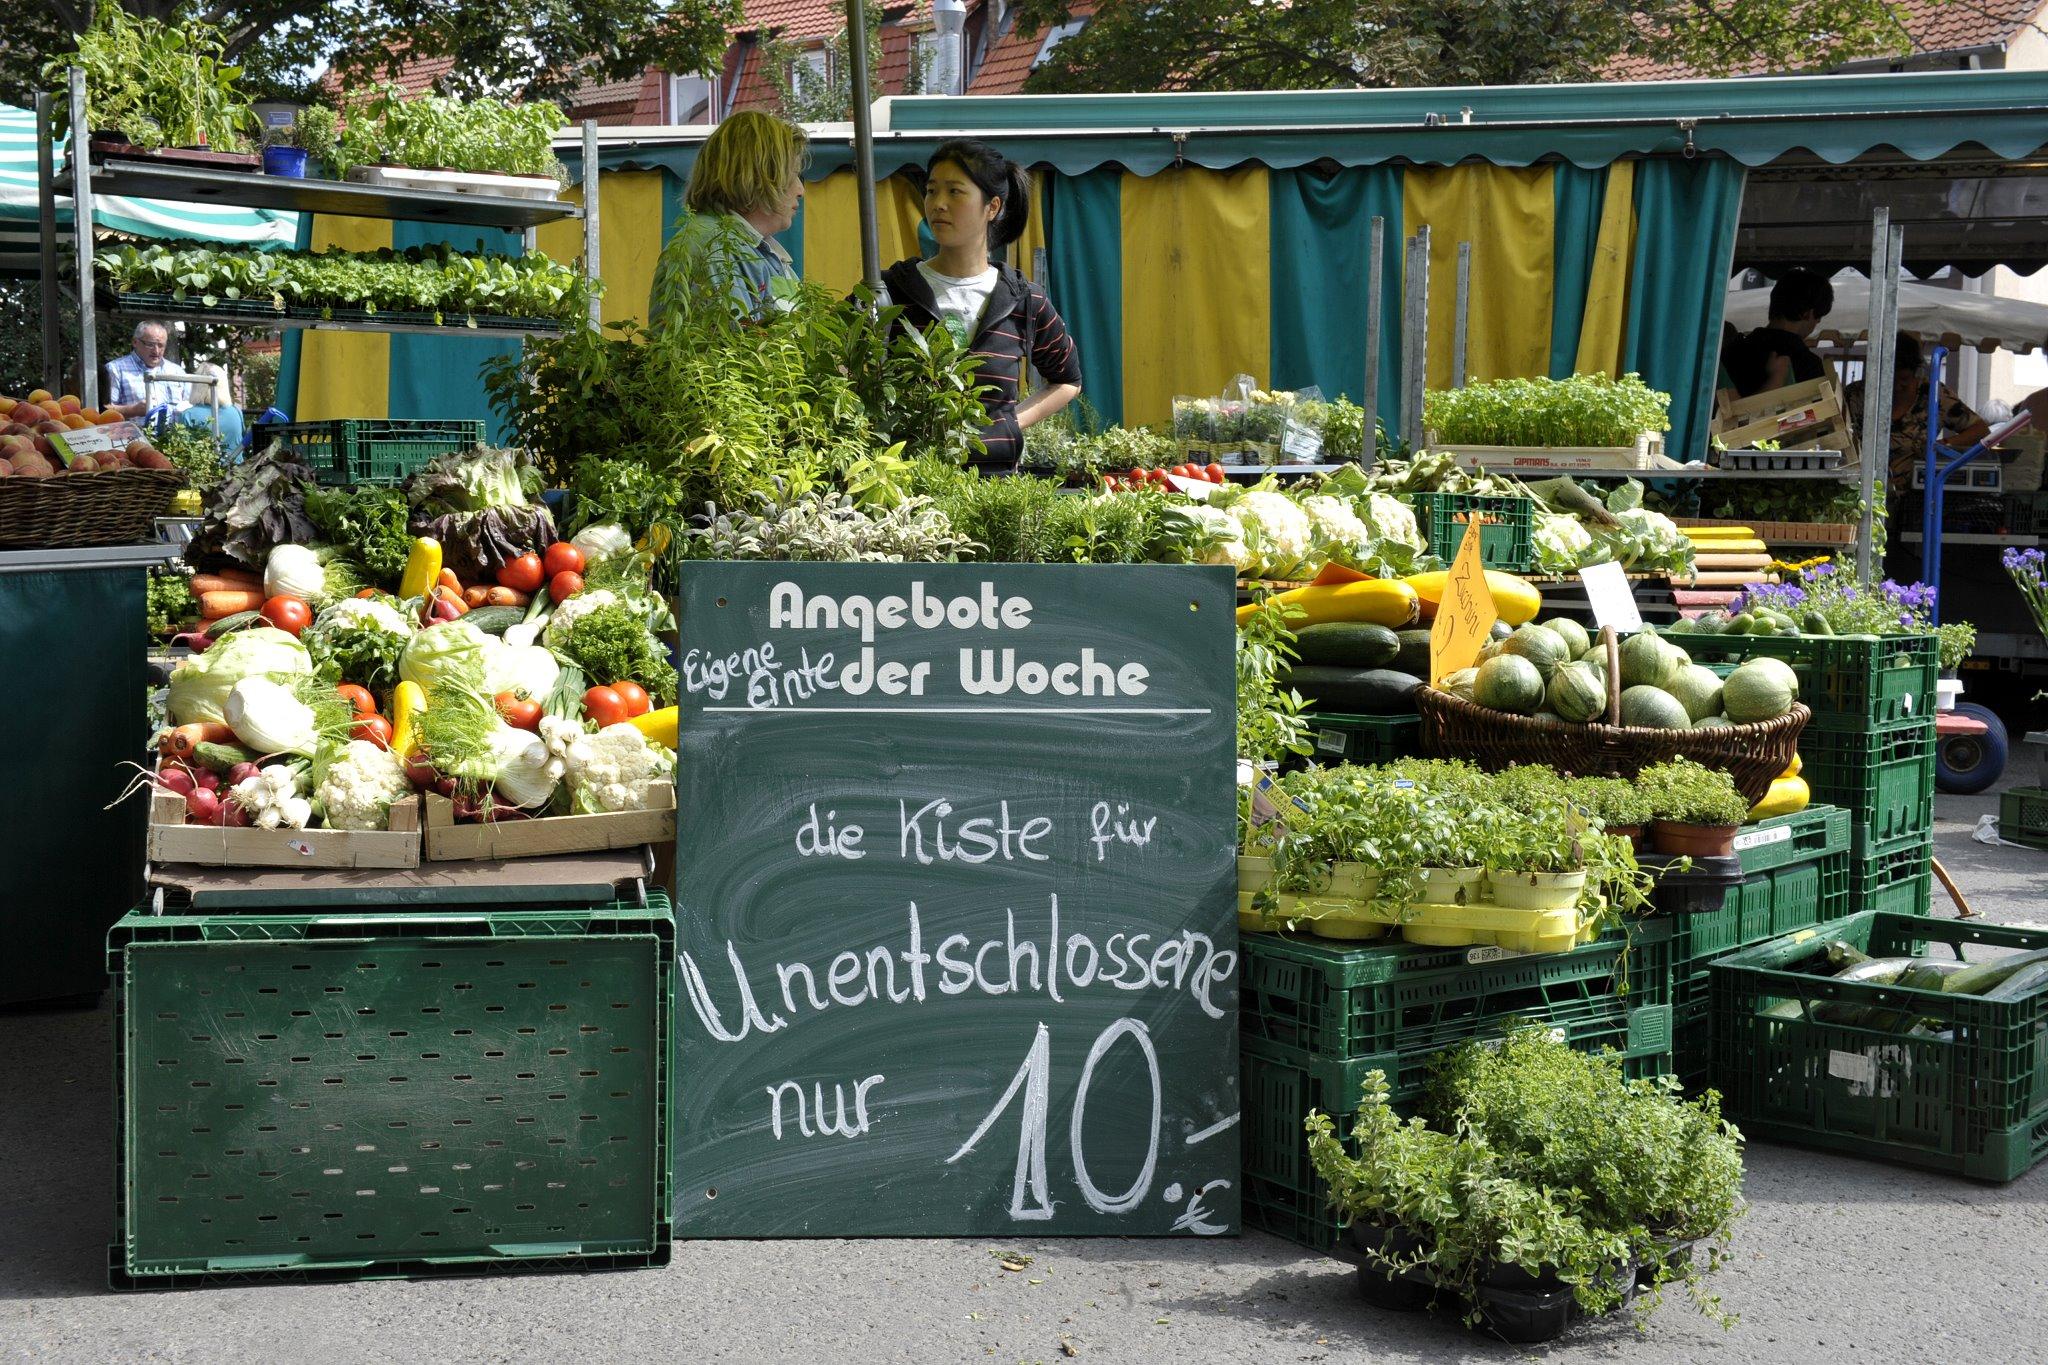 Ein reichlich gefüllter Gemüsestand mit allem was ein Wochenmarkt bieten kann.